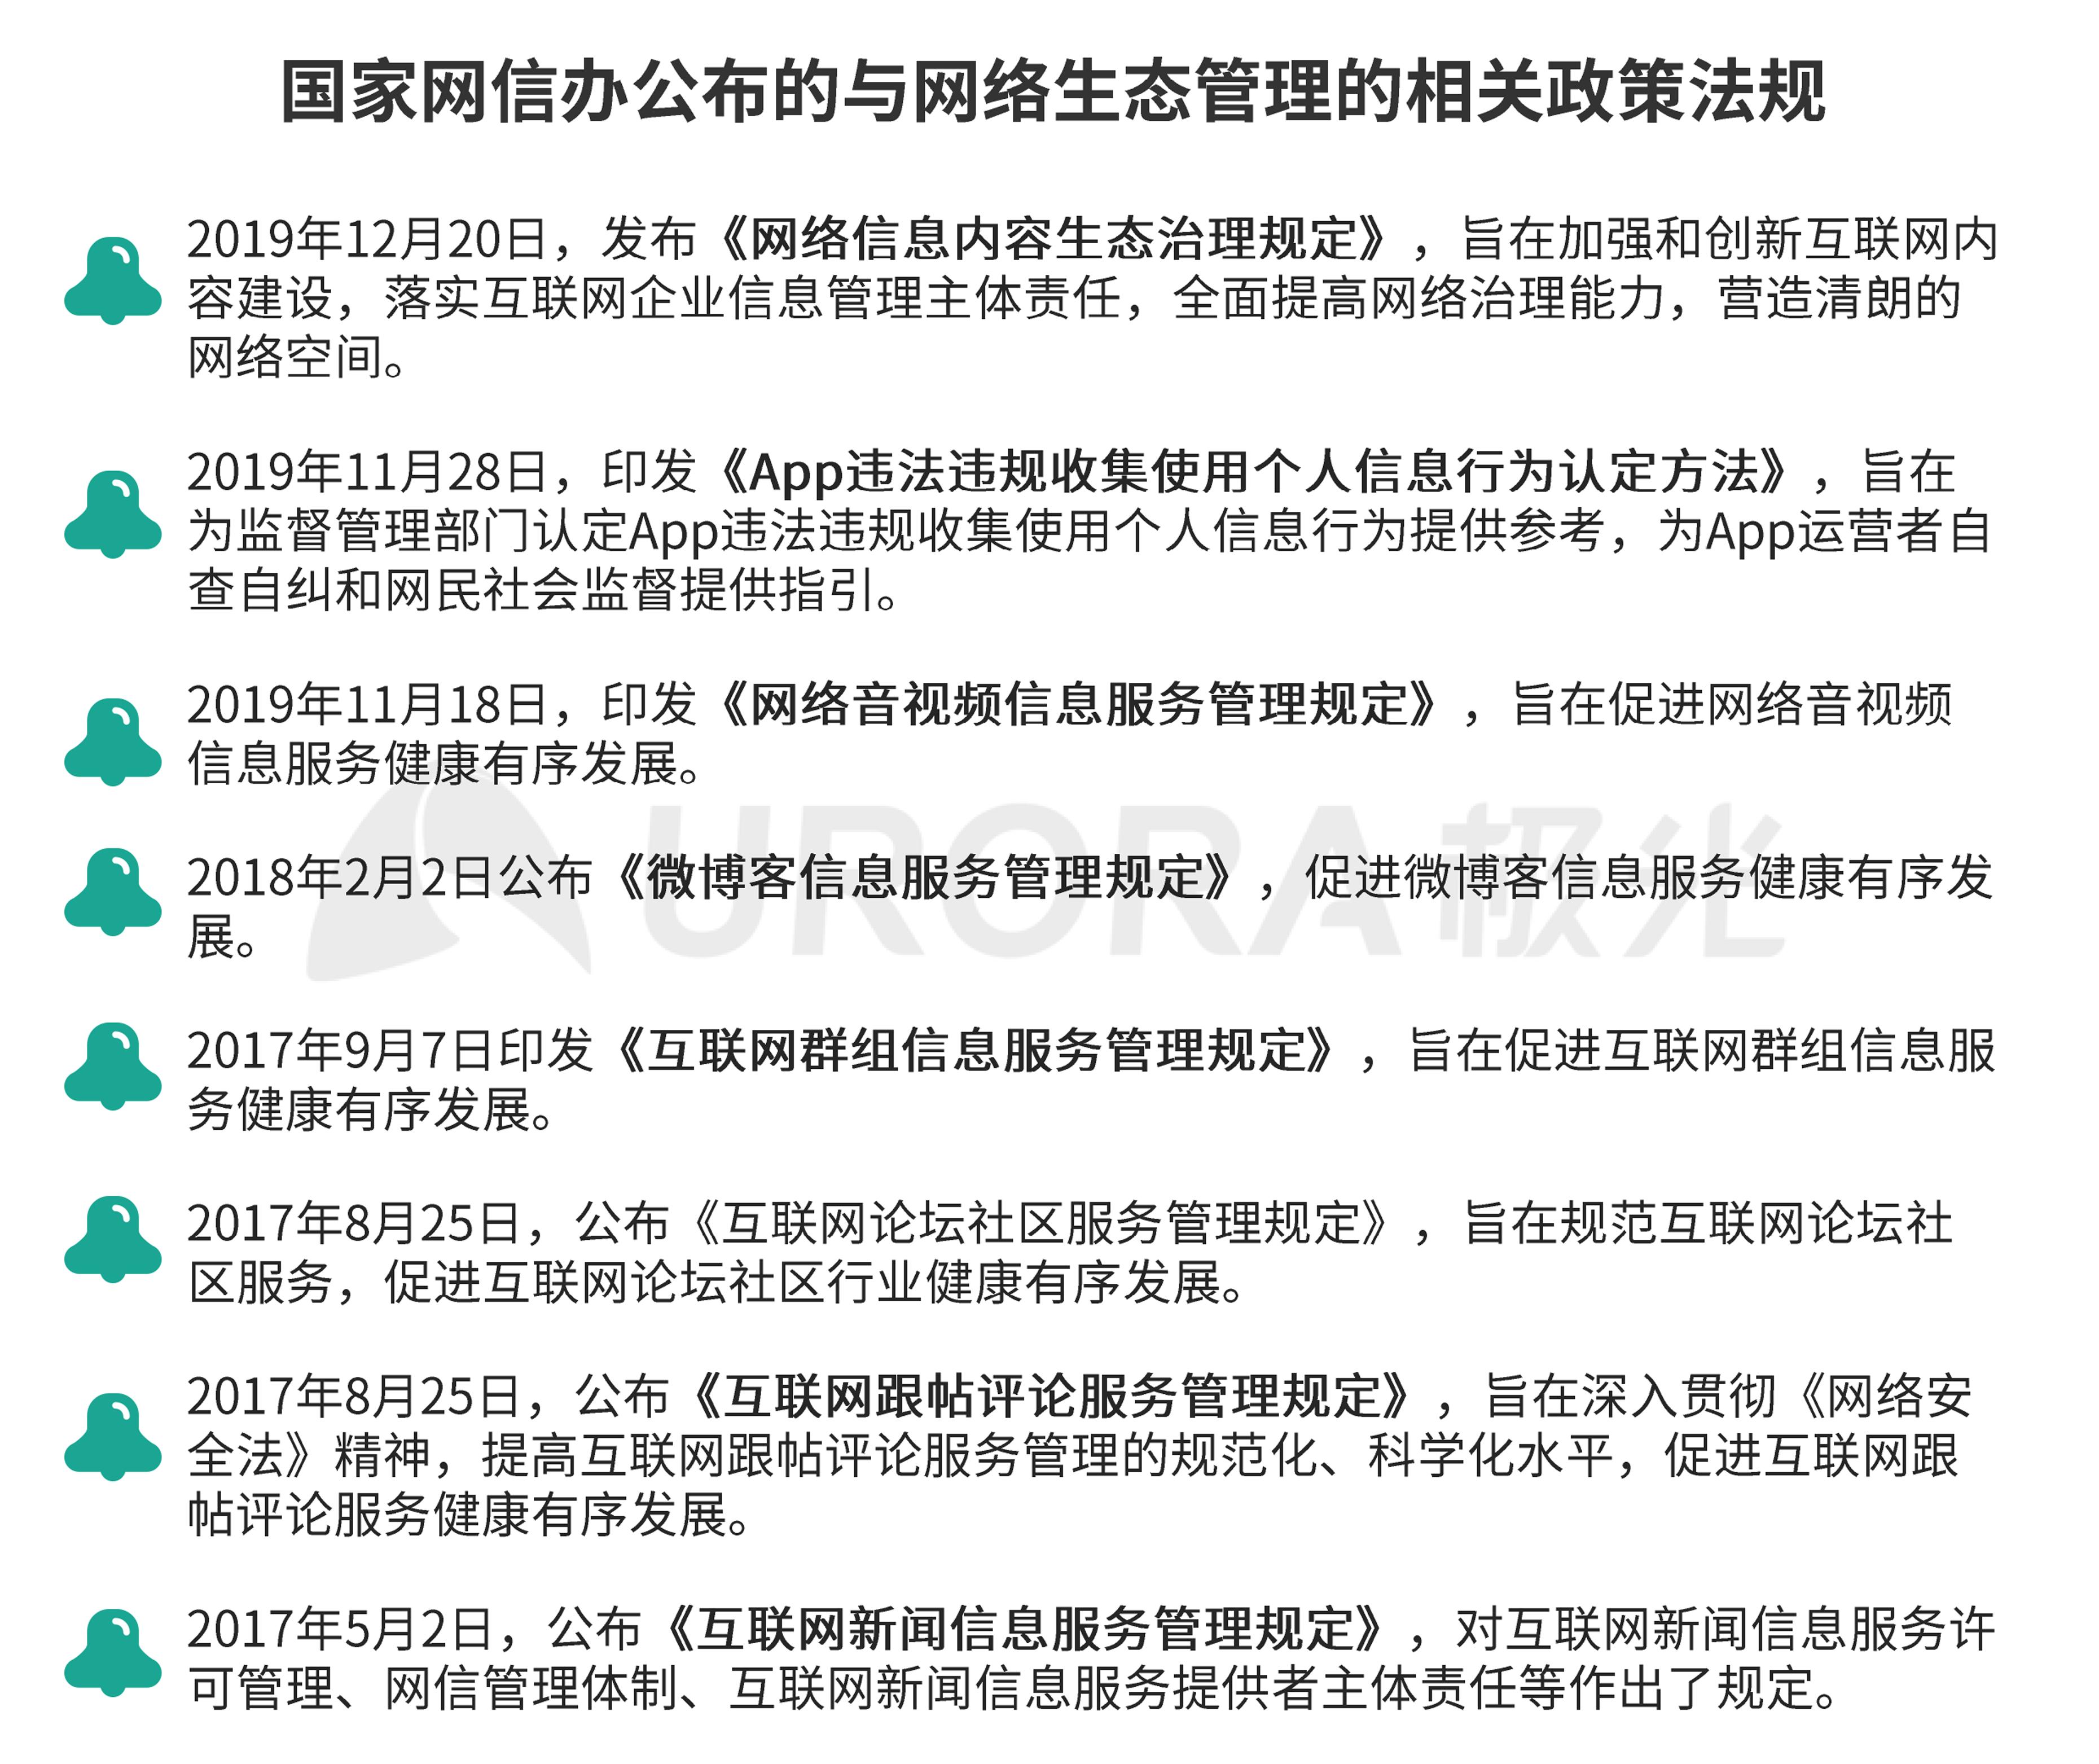 极光:移动互联网派生app研究报告 (12).png